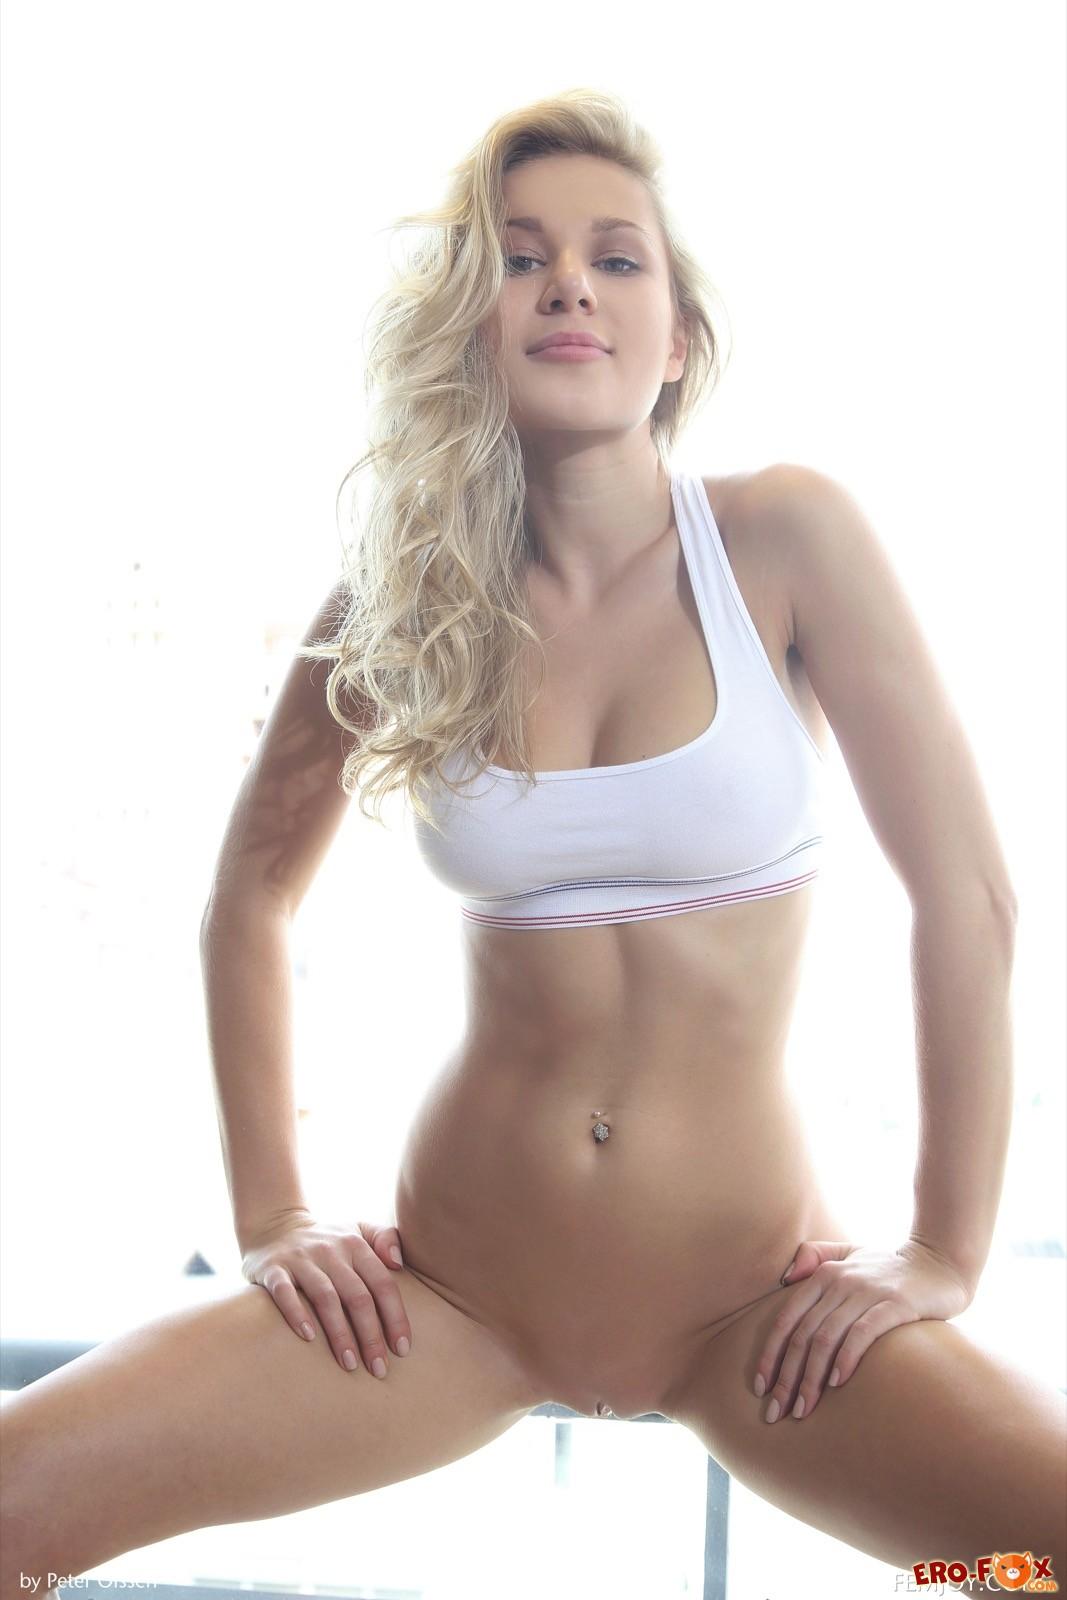 Грудастая блондинка со спортивной фигурой